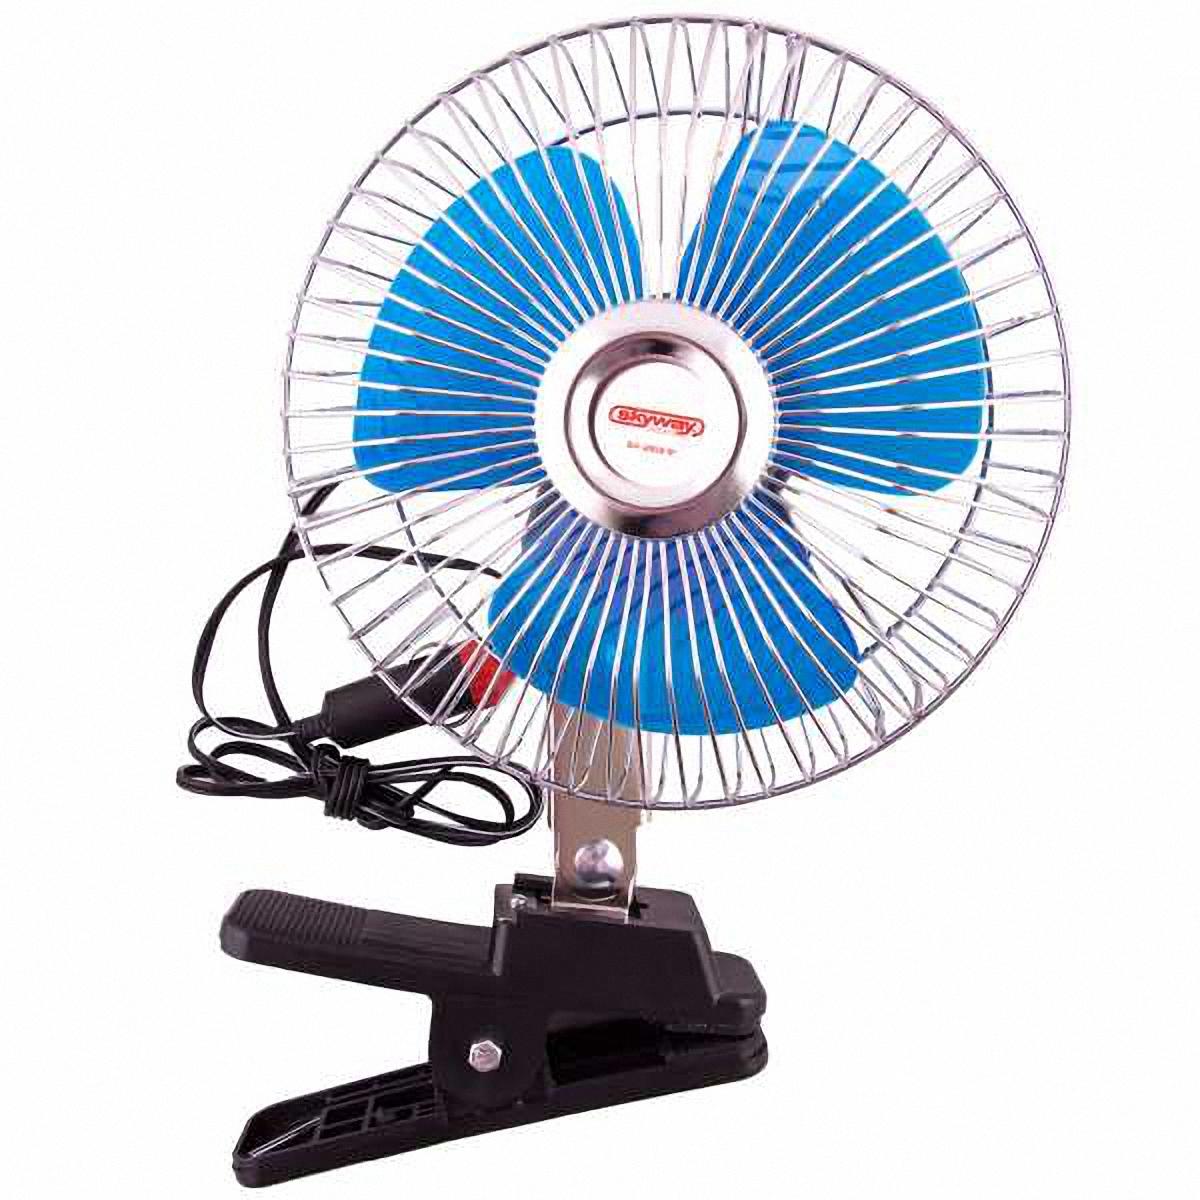 Skyway Вентилятор . S01901008SC-FD421005Способ крепления: клипса.Диаметр: 6 дюймов (1 дюйм = 2,54 см).Необходимое напряжение: 24 V.